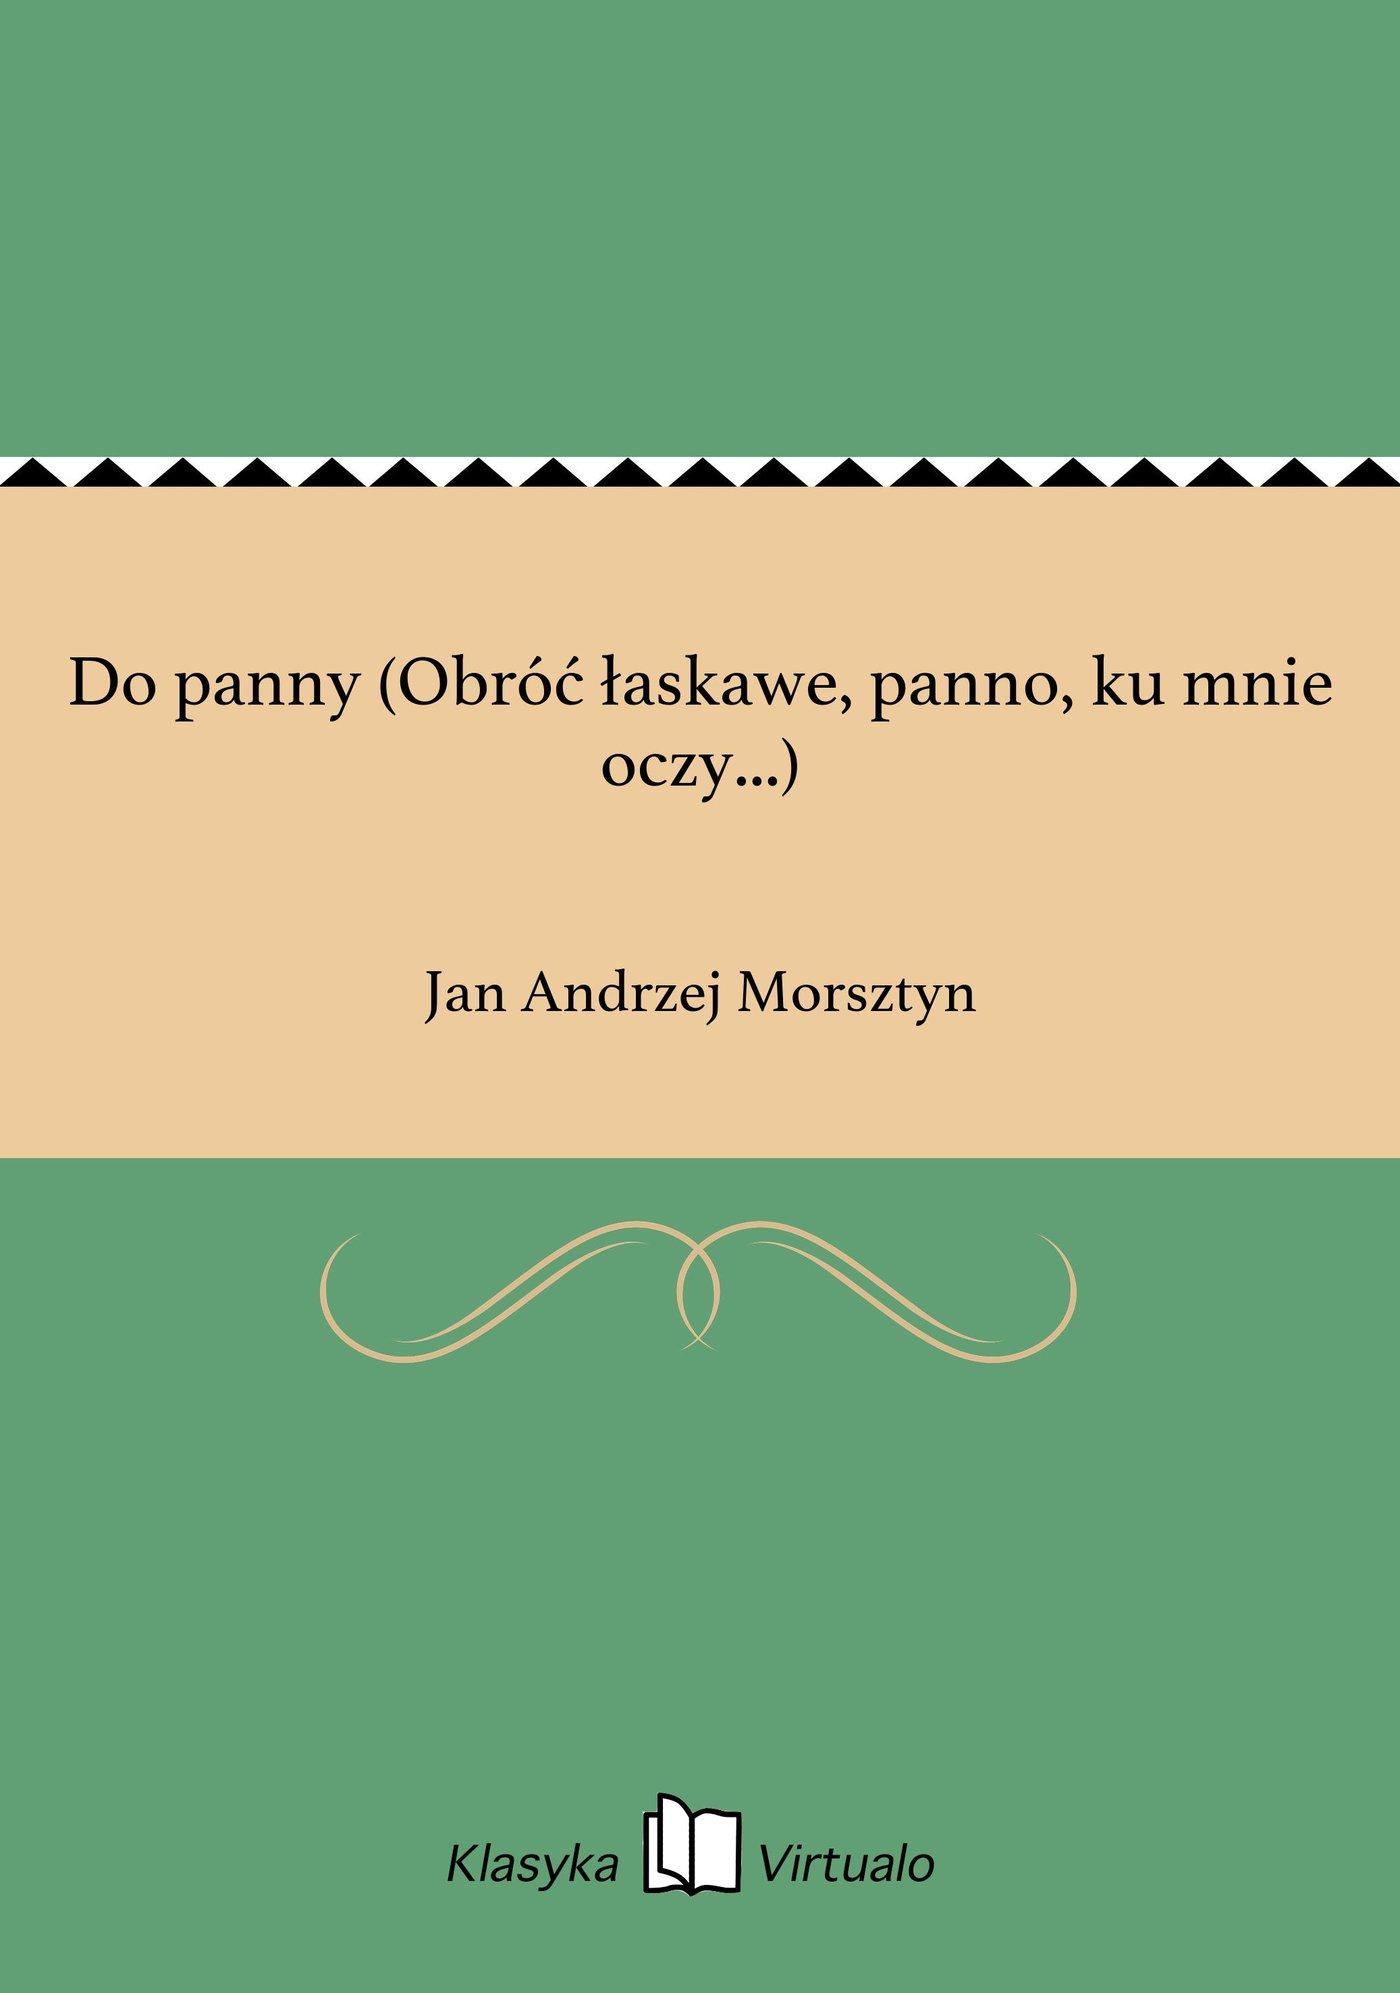 Do panny (Obróć łaskawe, panno, ku mnie oczy...) - Ebook (Książka na Kindle) do pobrania w formacie MOBI